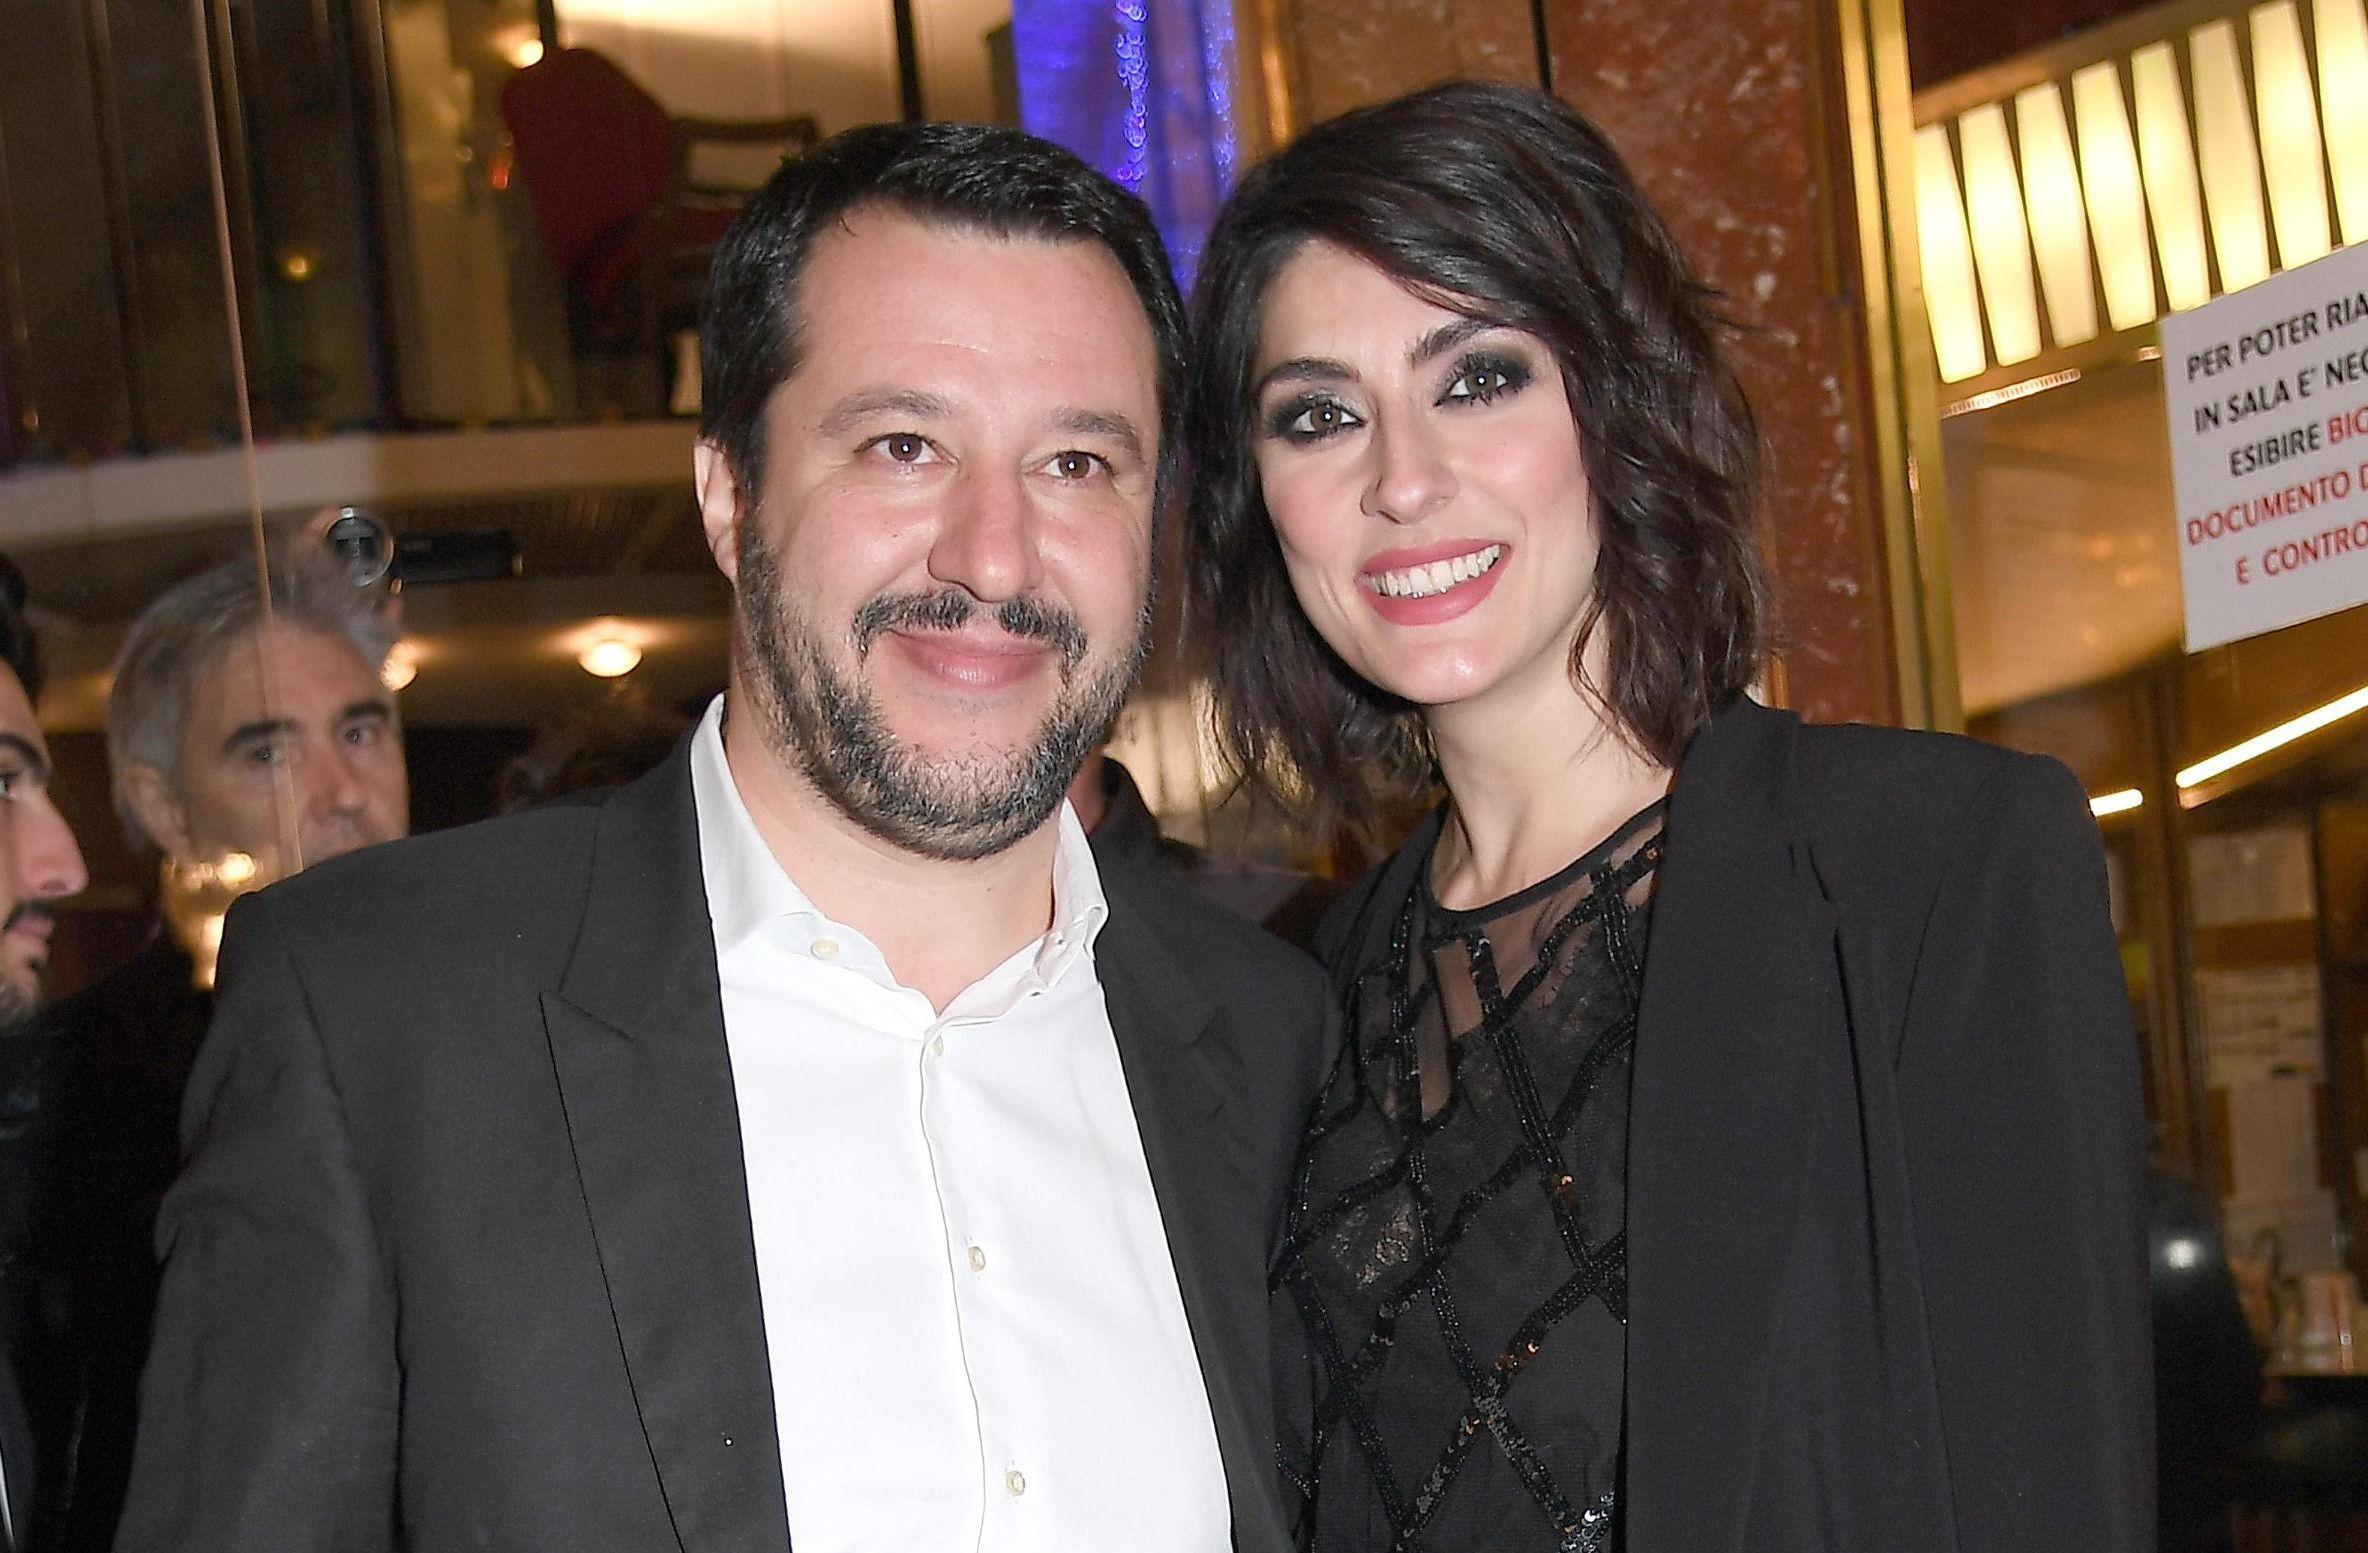 Elisa Isoardi e Matteo Salvini pronti per la convivenza: smentite le voci di crisi